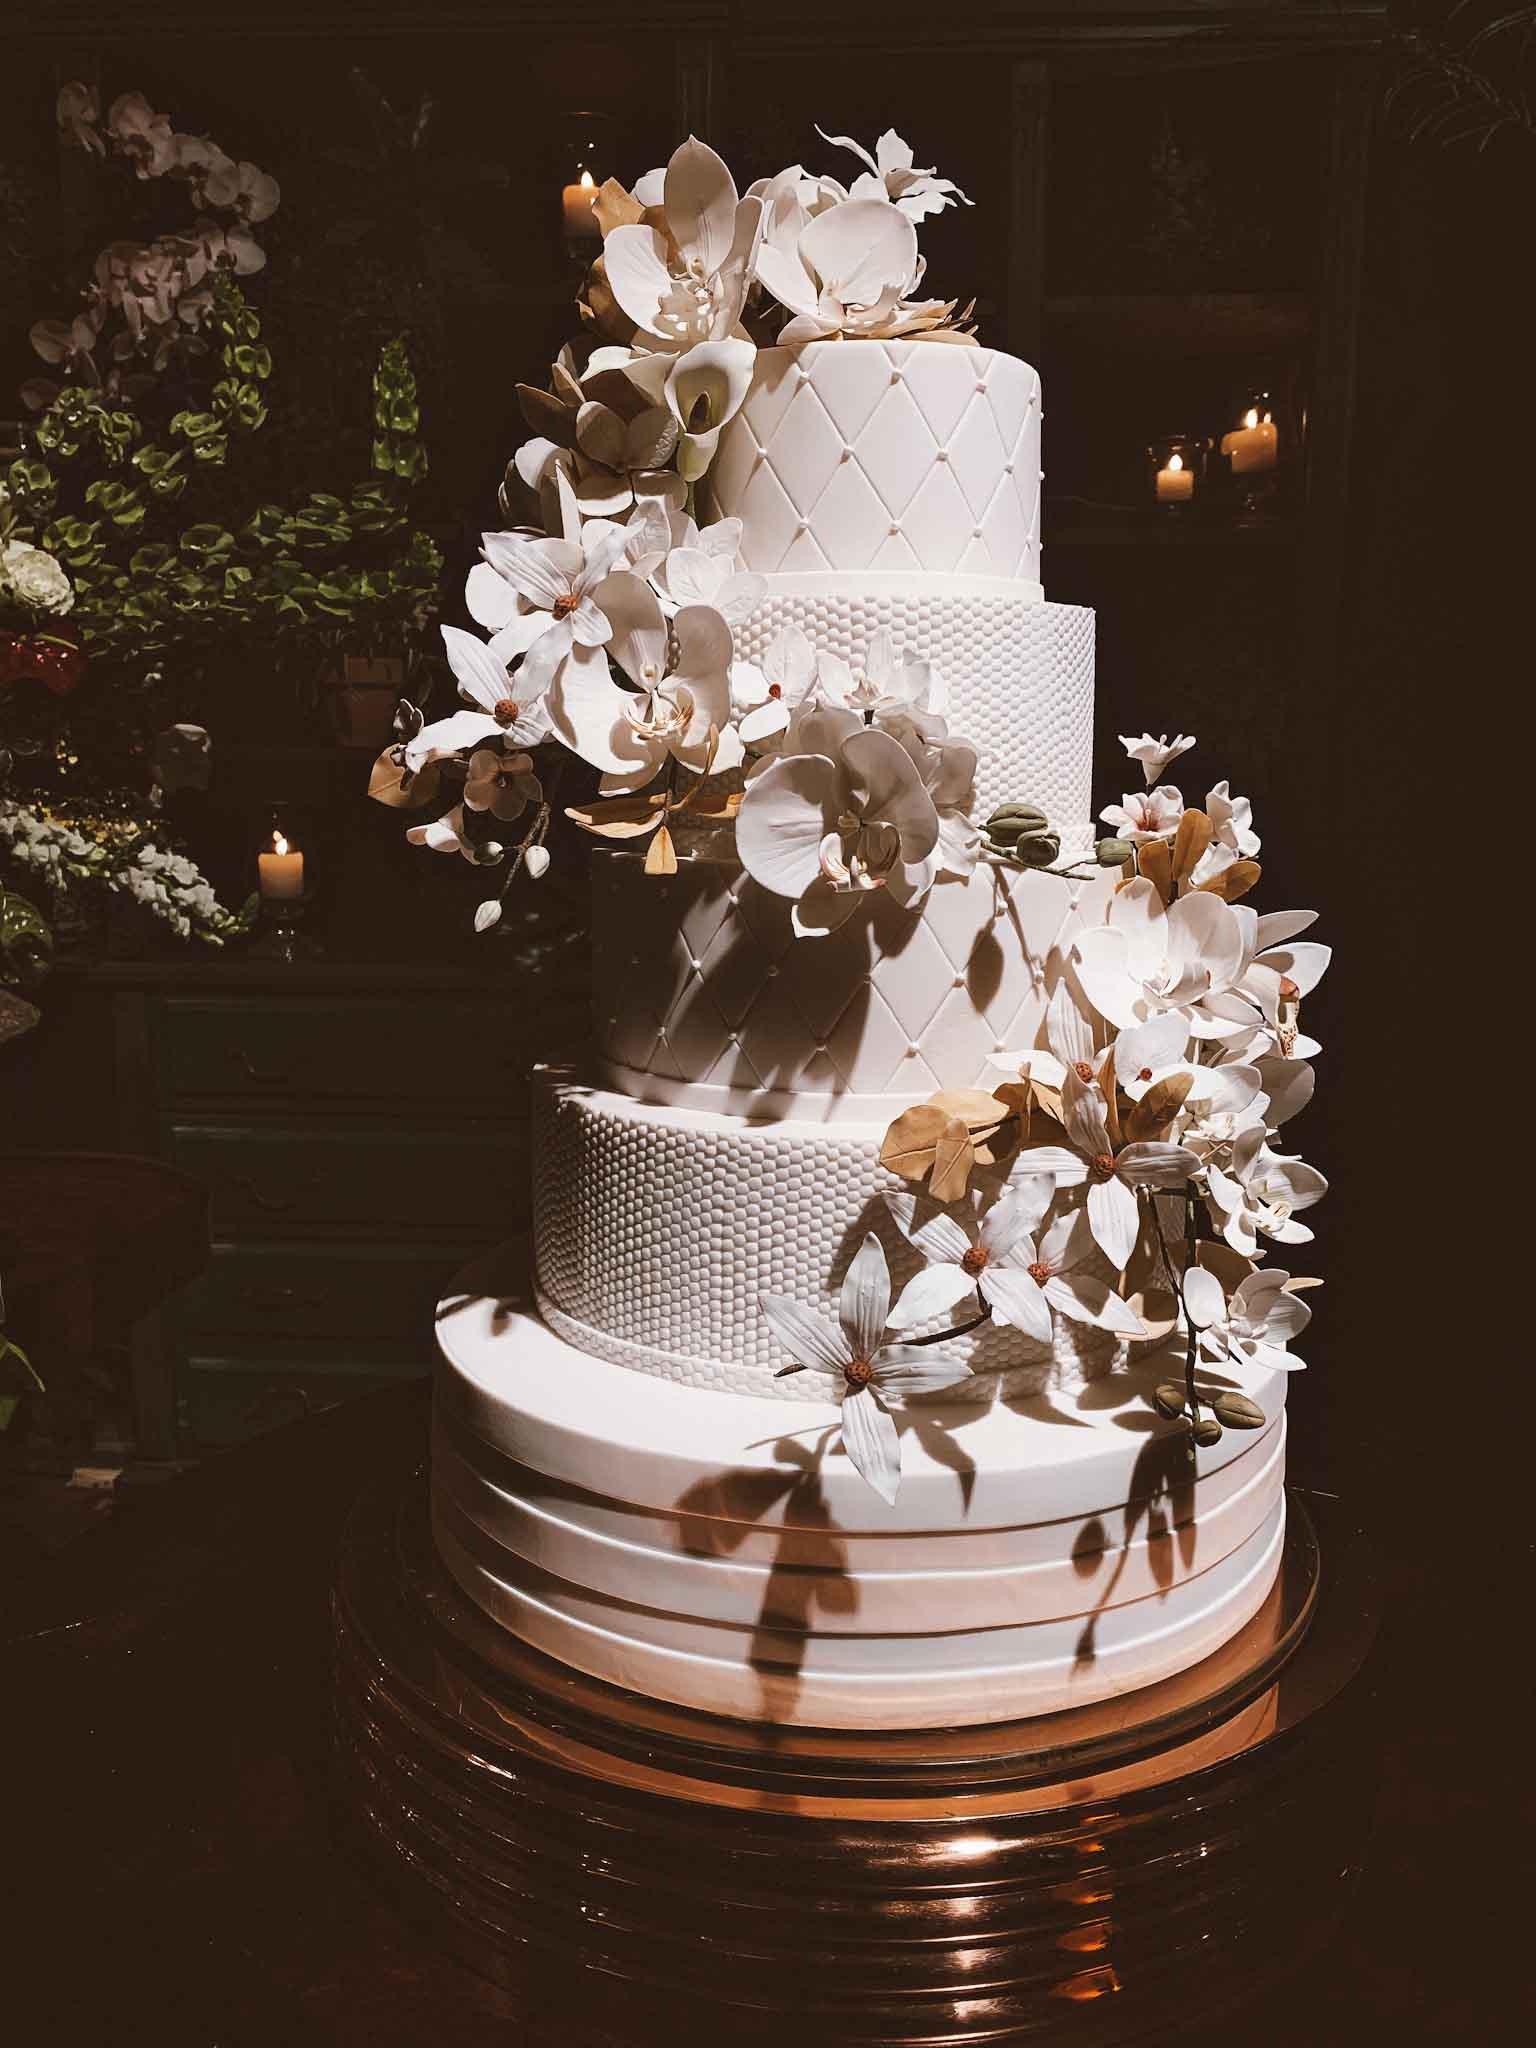 bolo-de-casamento-orquideas.jpg